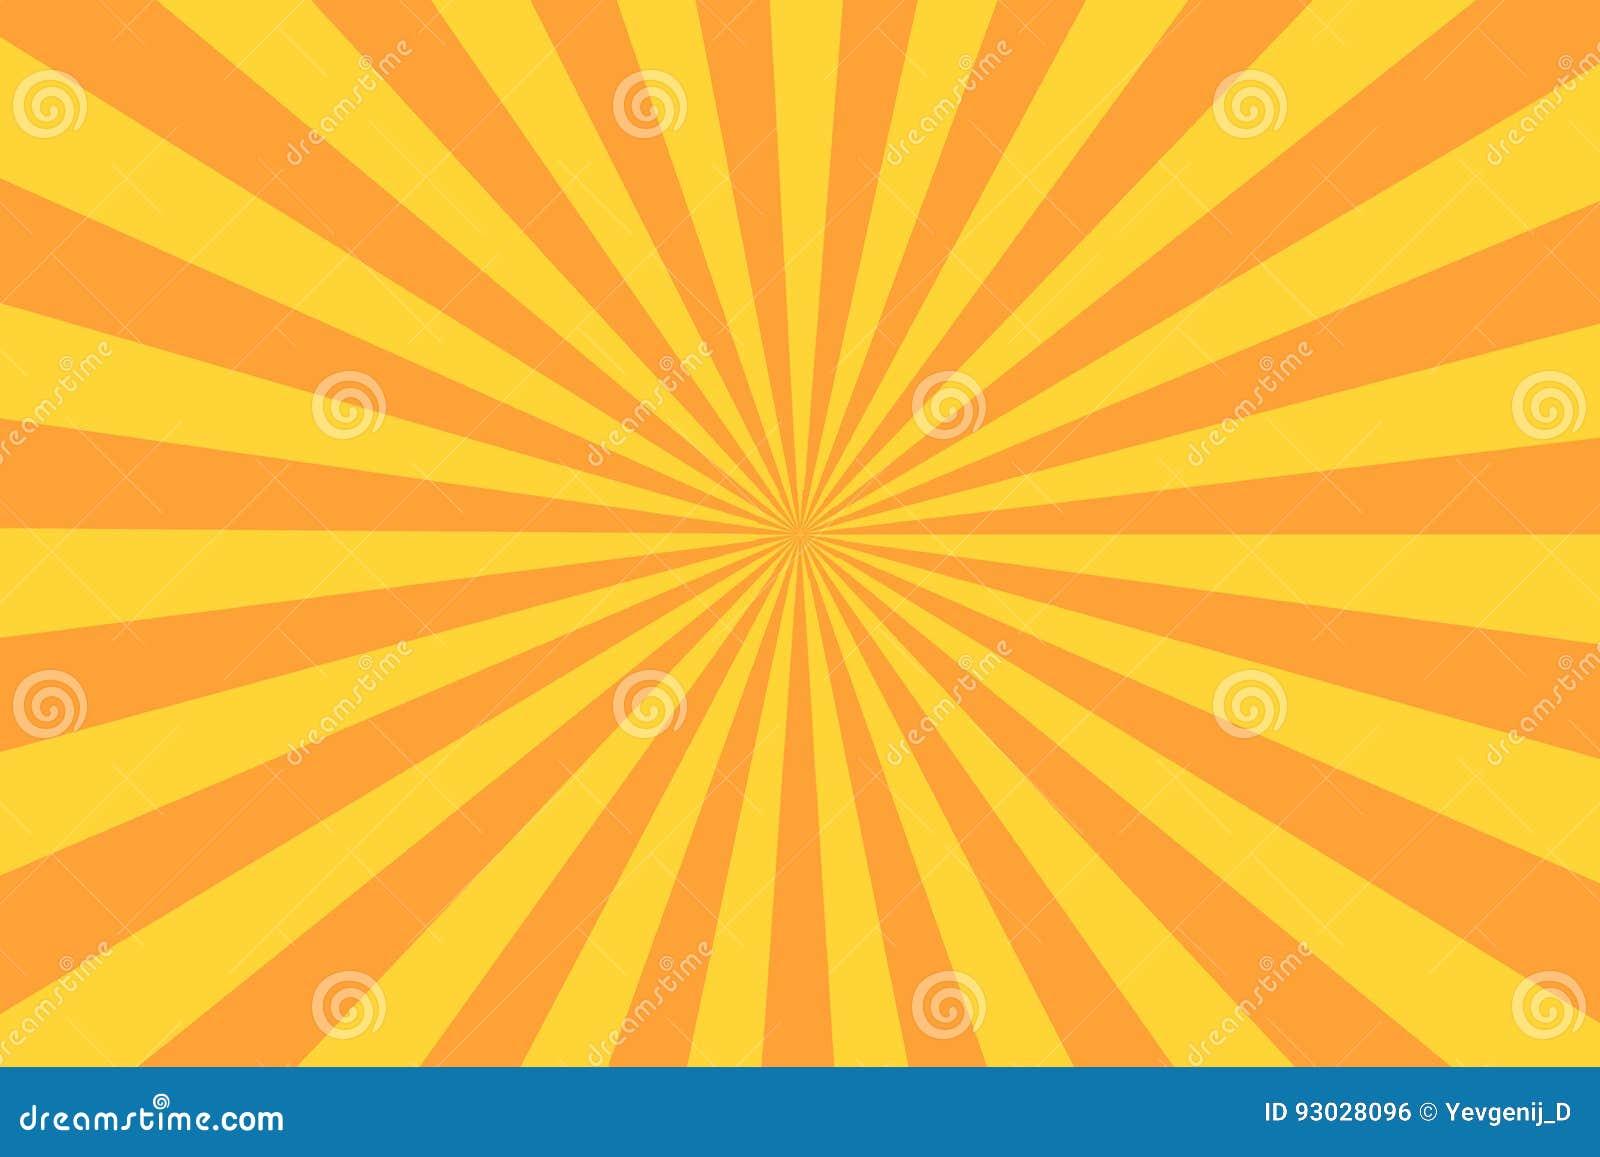 Rayo retro del resplandor solar en estilo del vintage Fondo abstracto del cómic